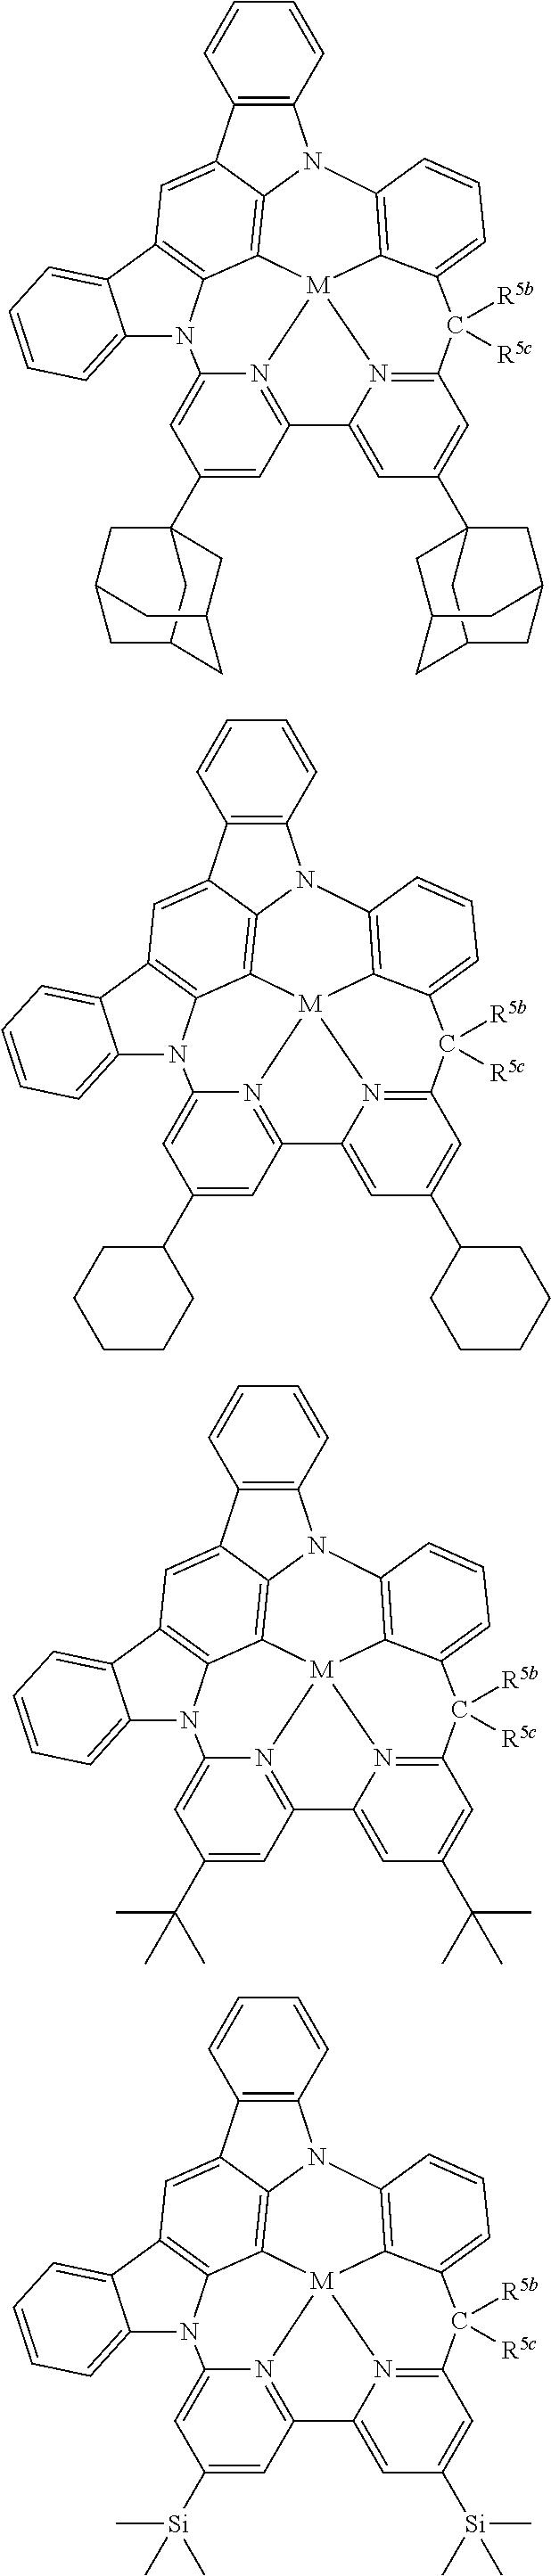 Figure US10158091-20181218-C00085